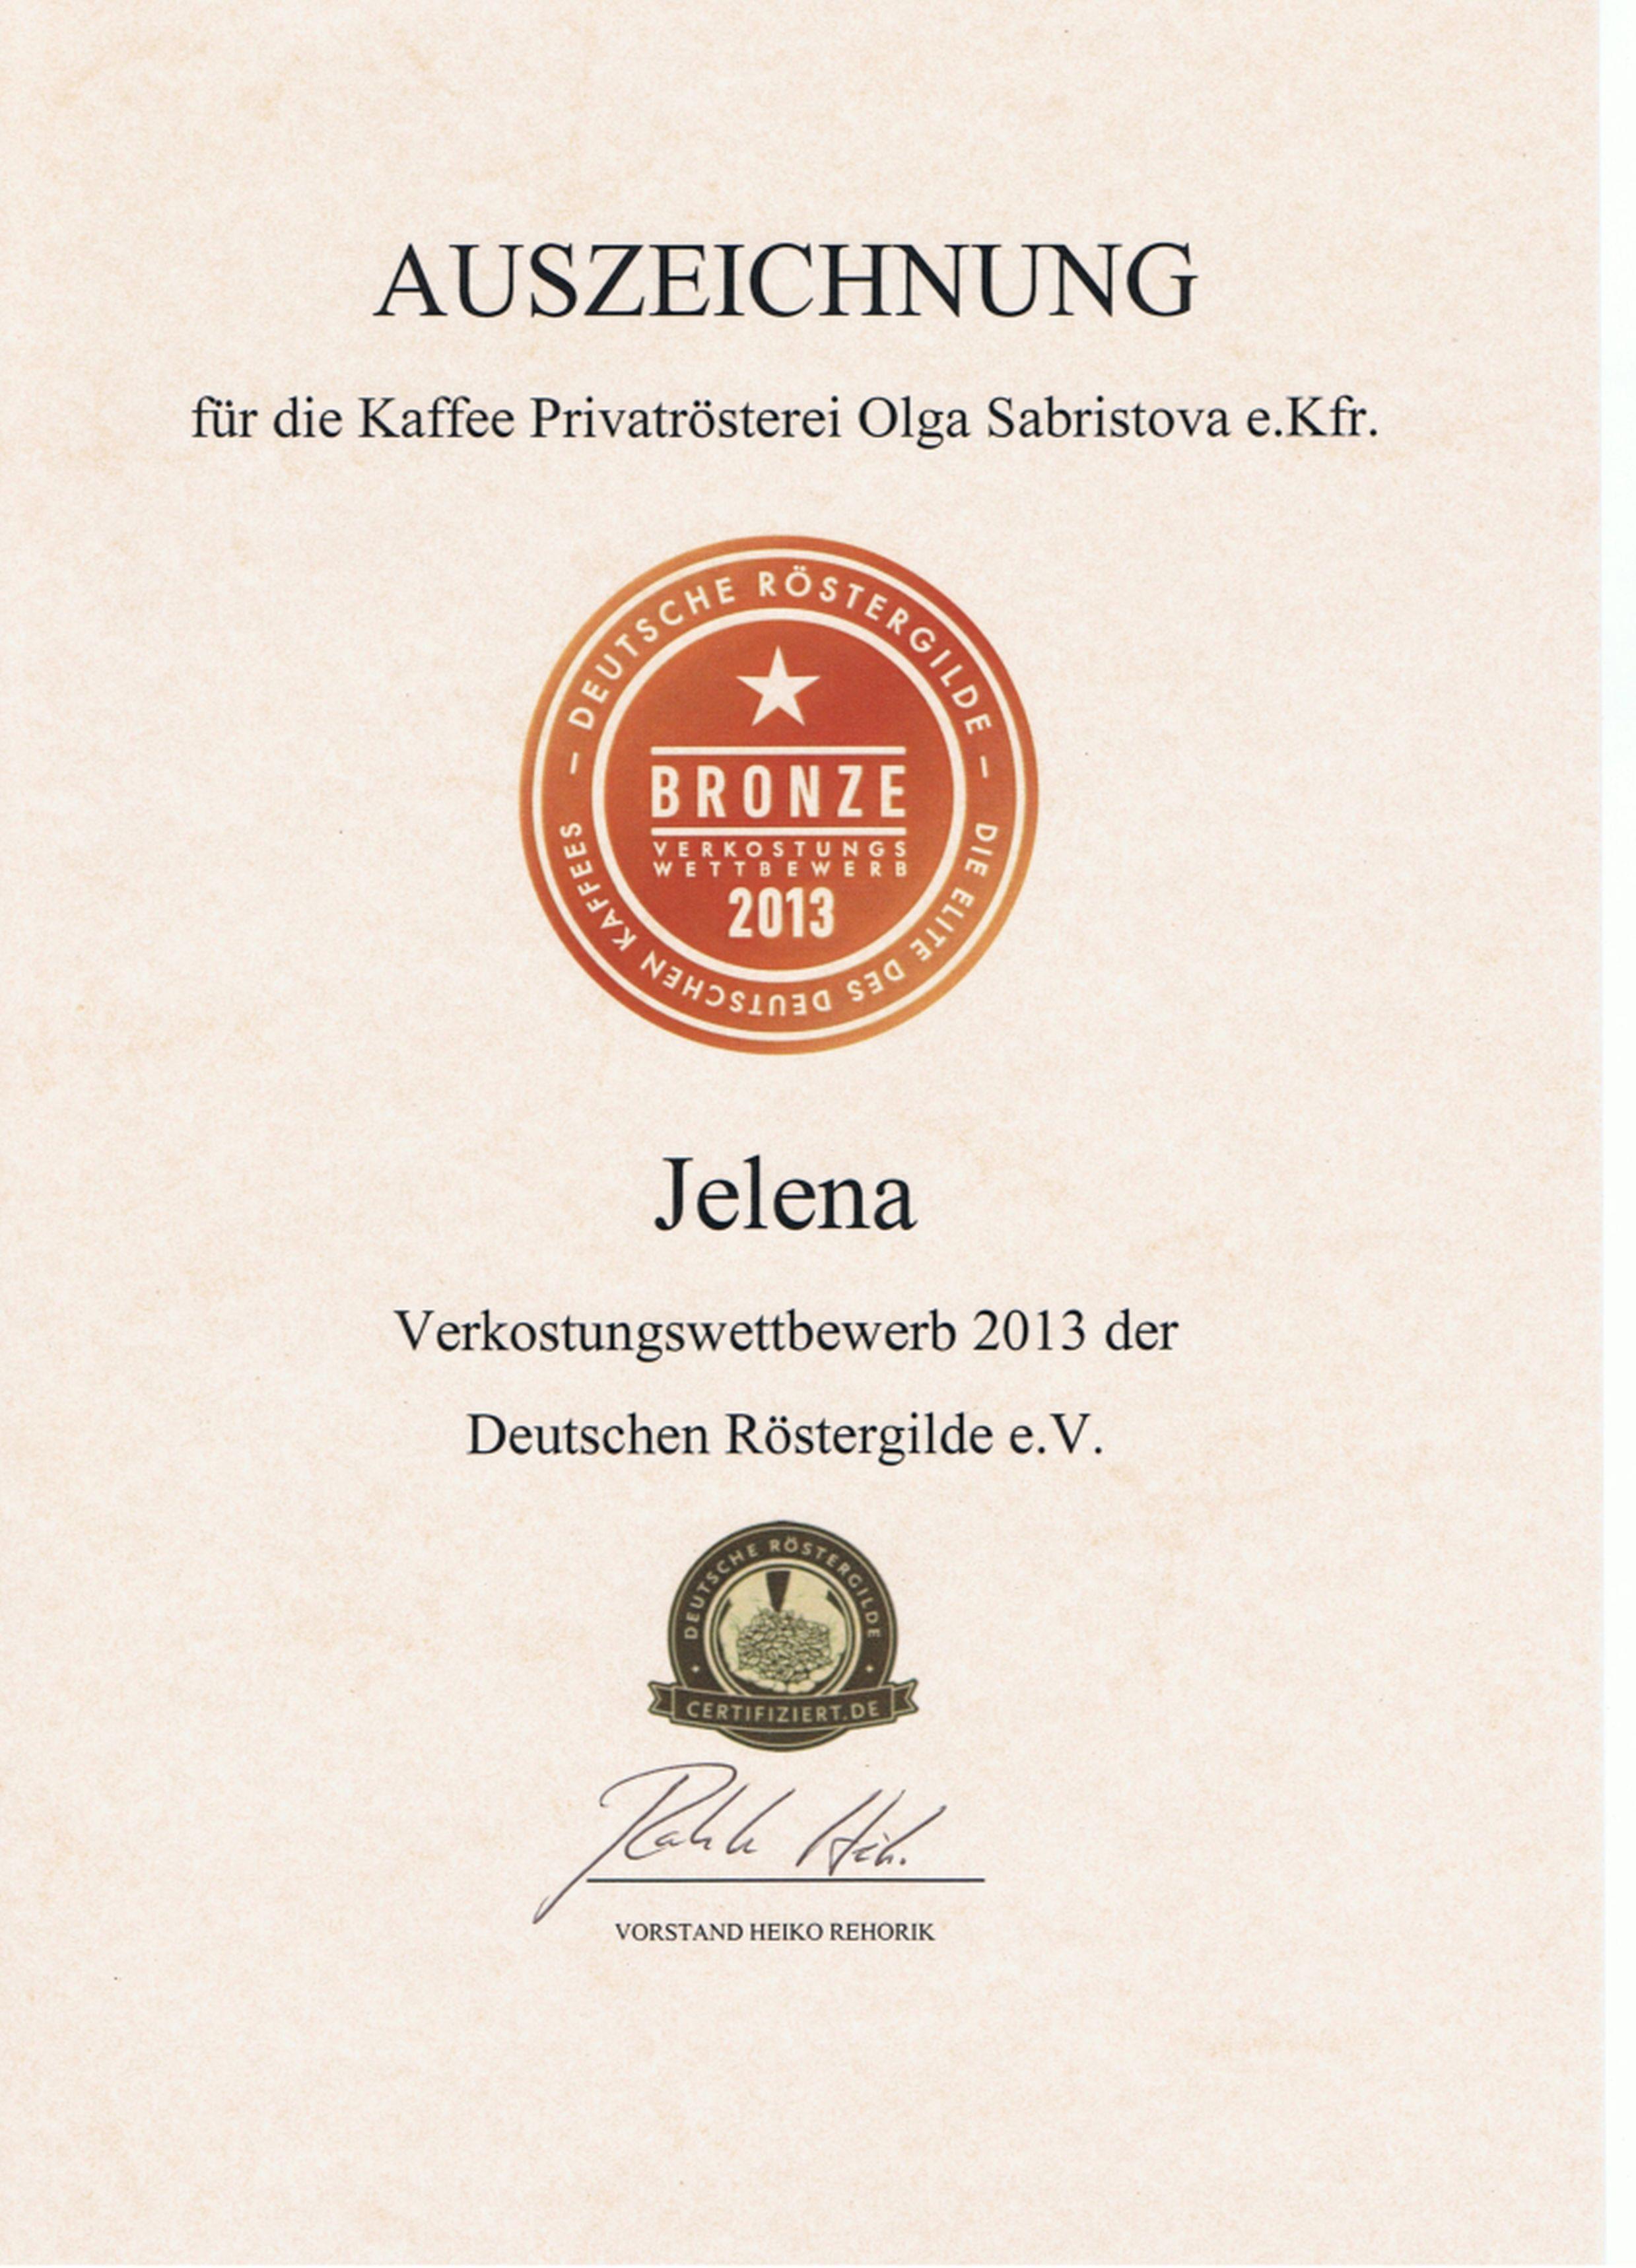 Bronzemedaille für Espresso Jelena beim Verkostungswettbewerb 2013